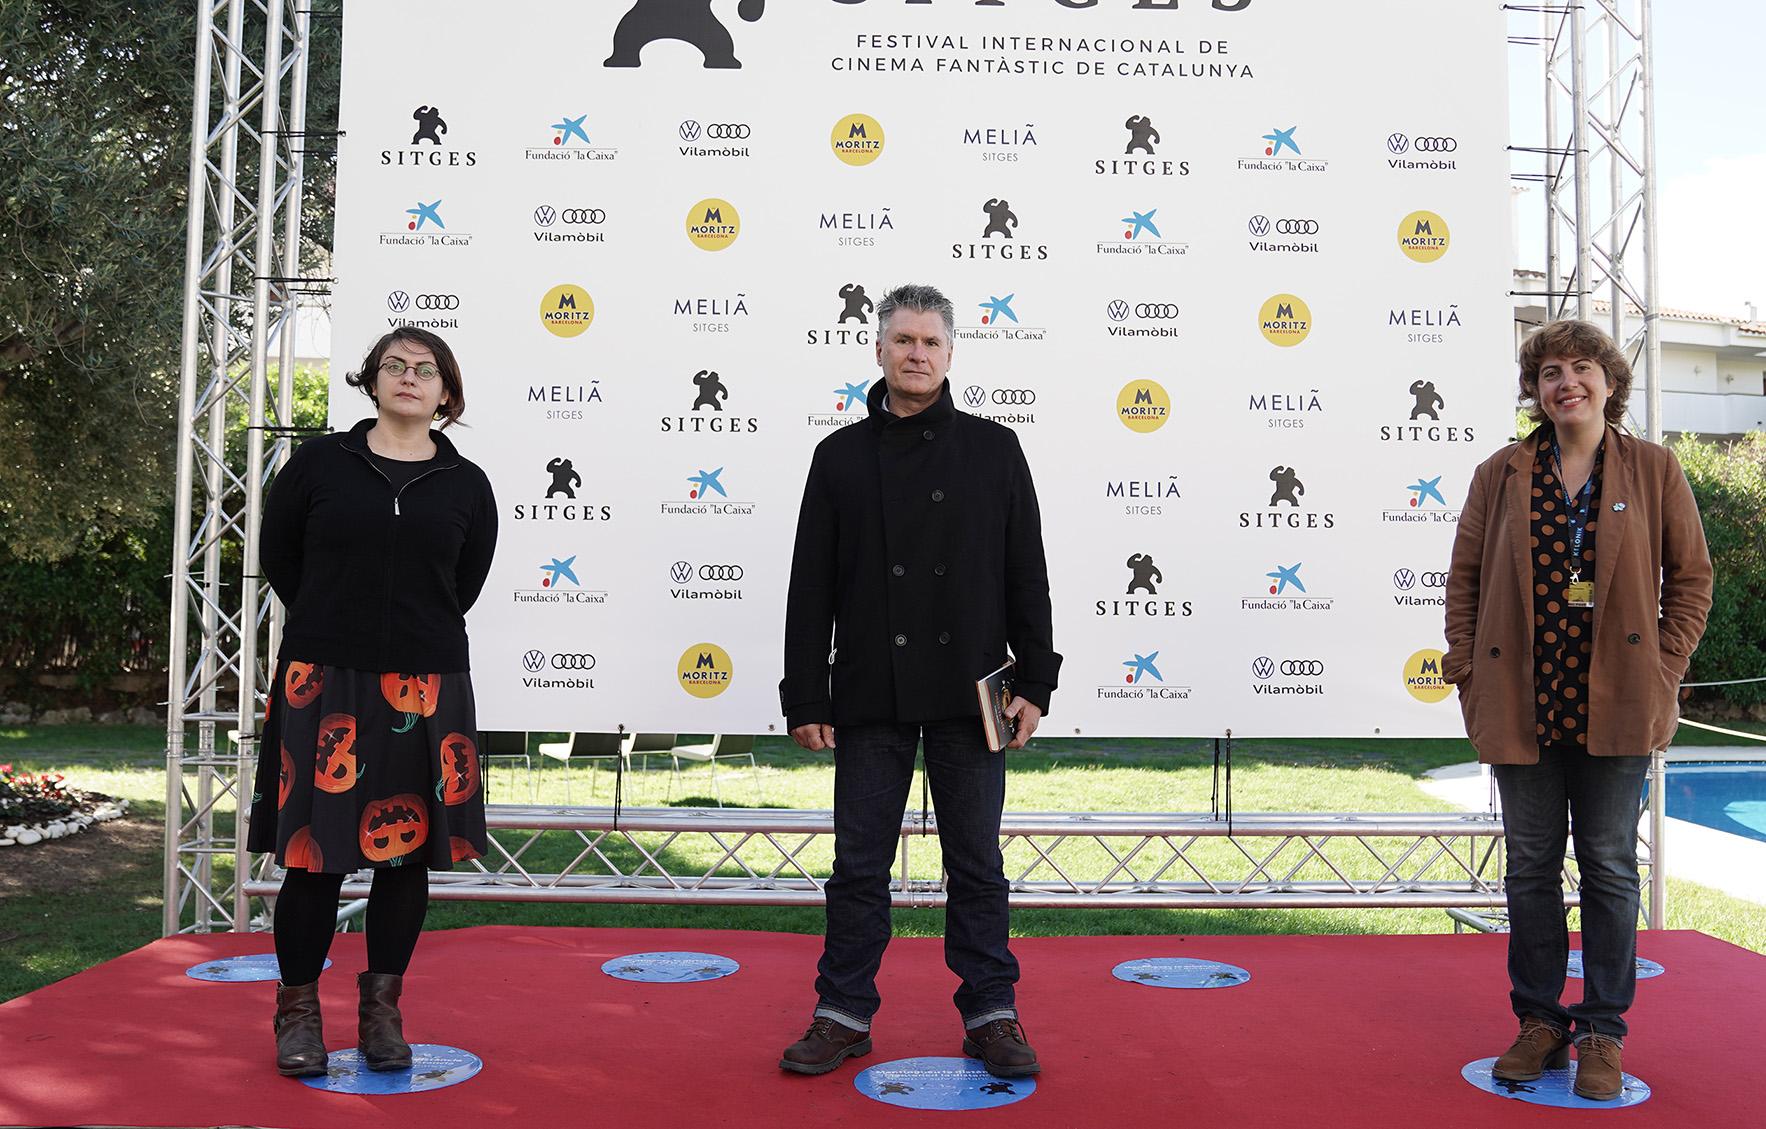 La literatura y el cine fantástico unen fuerzas en Sitges 2020